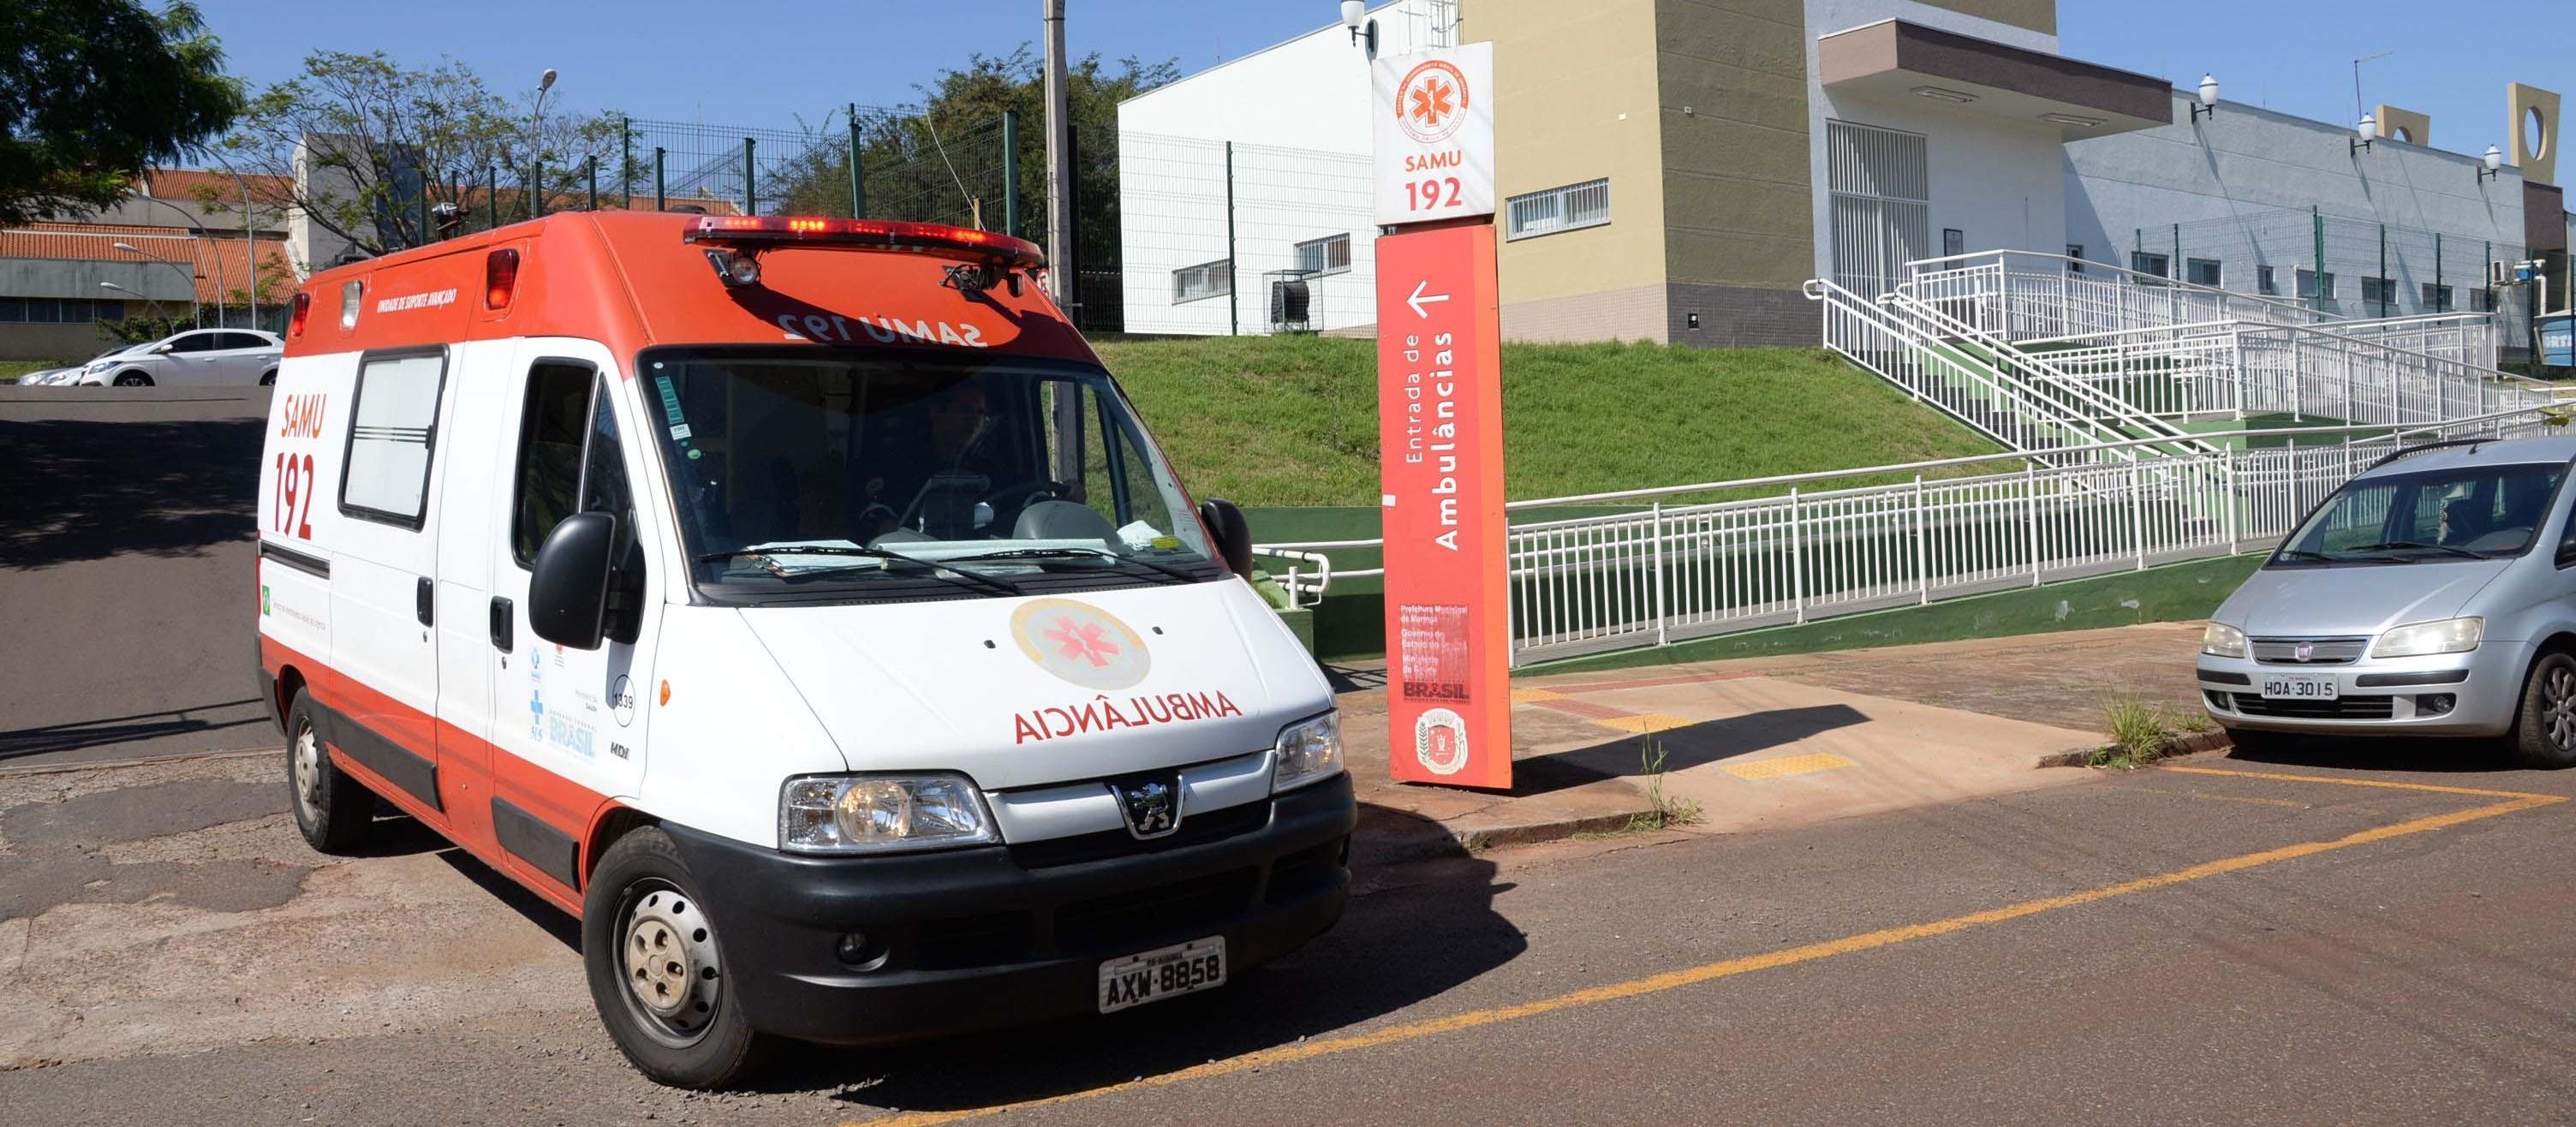 Telefone do Serviço Móvel de Urgência e Emergência volta a funcionar